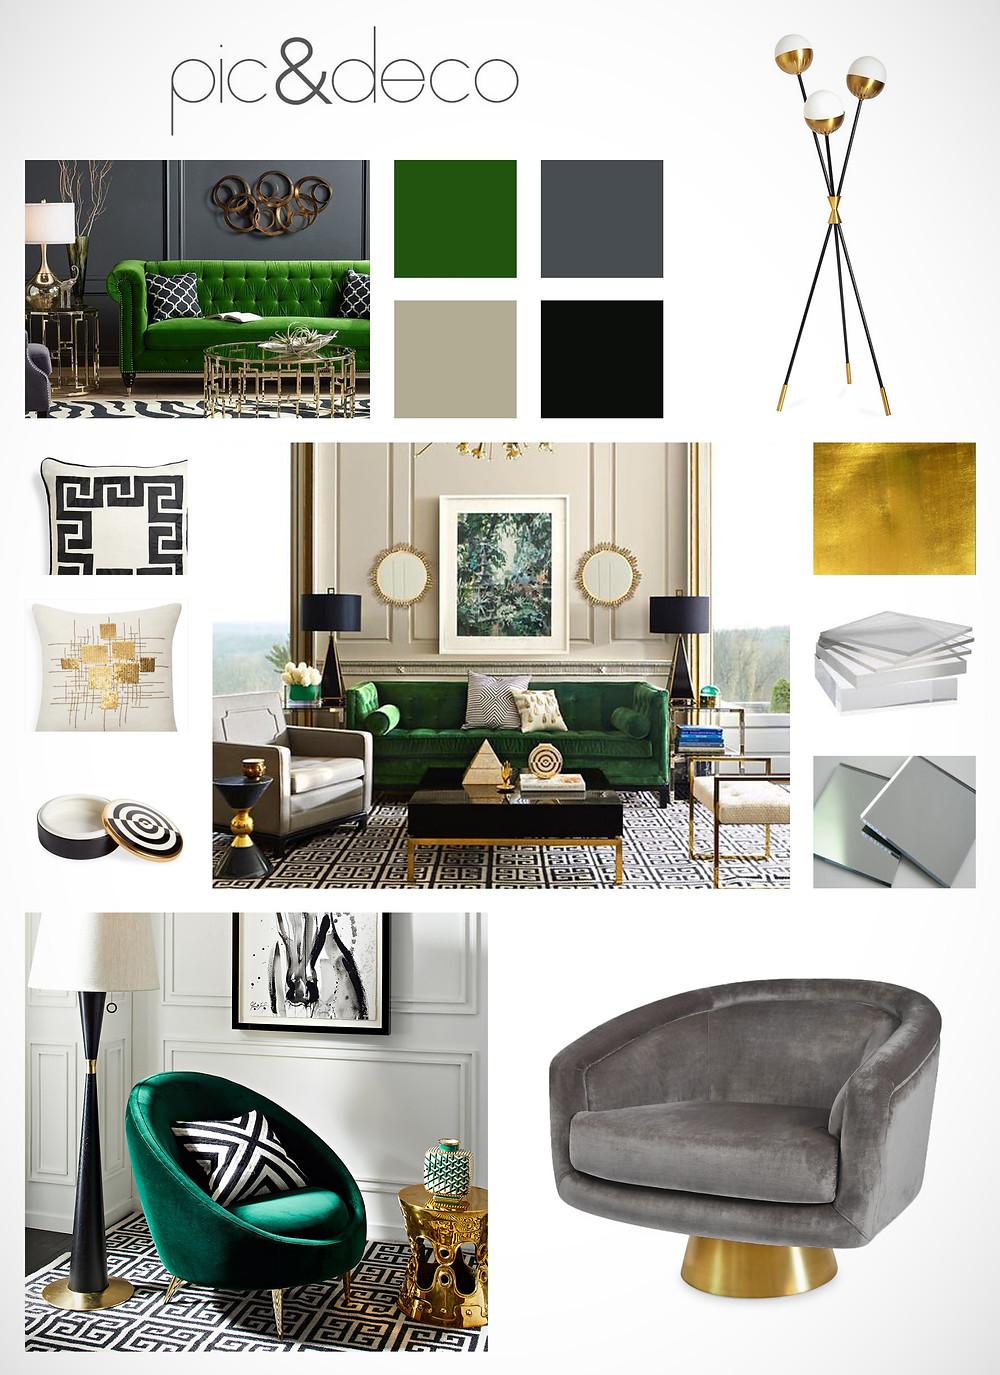 ejemplo concepto de diseño de decoracion